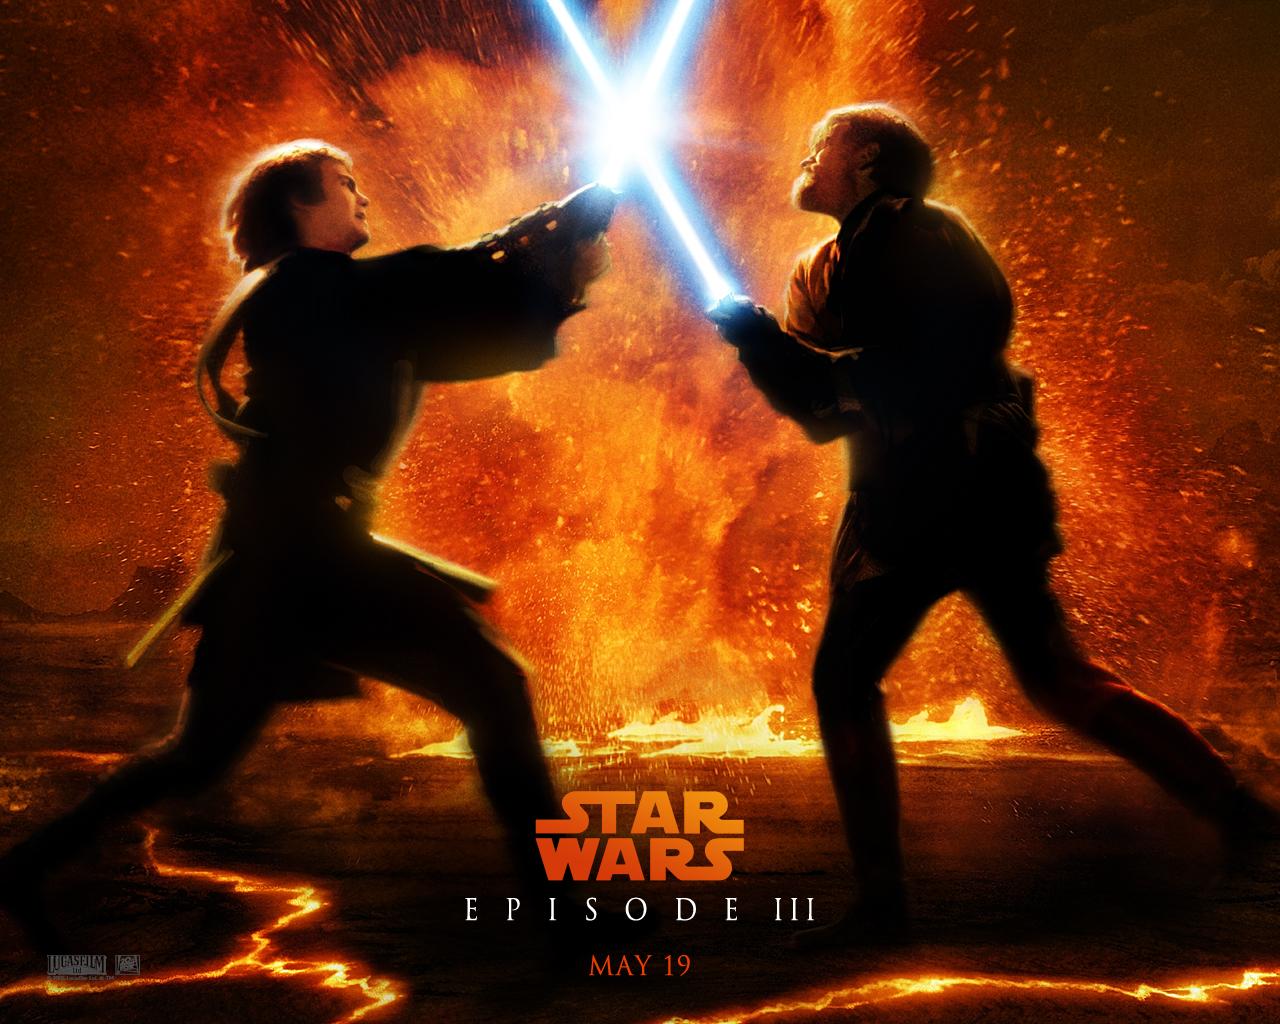 Star War Episode I 3d HD Wallpaper Wallpaperrs